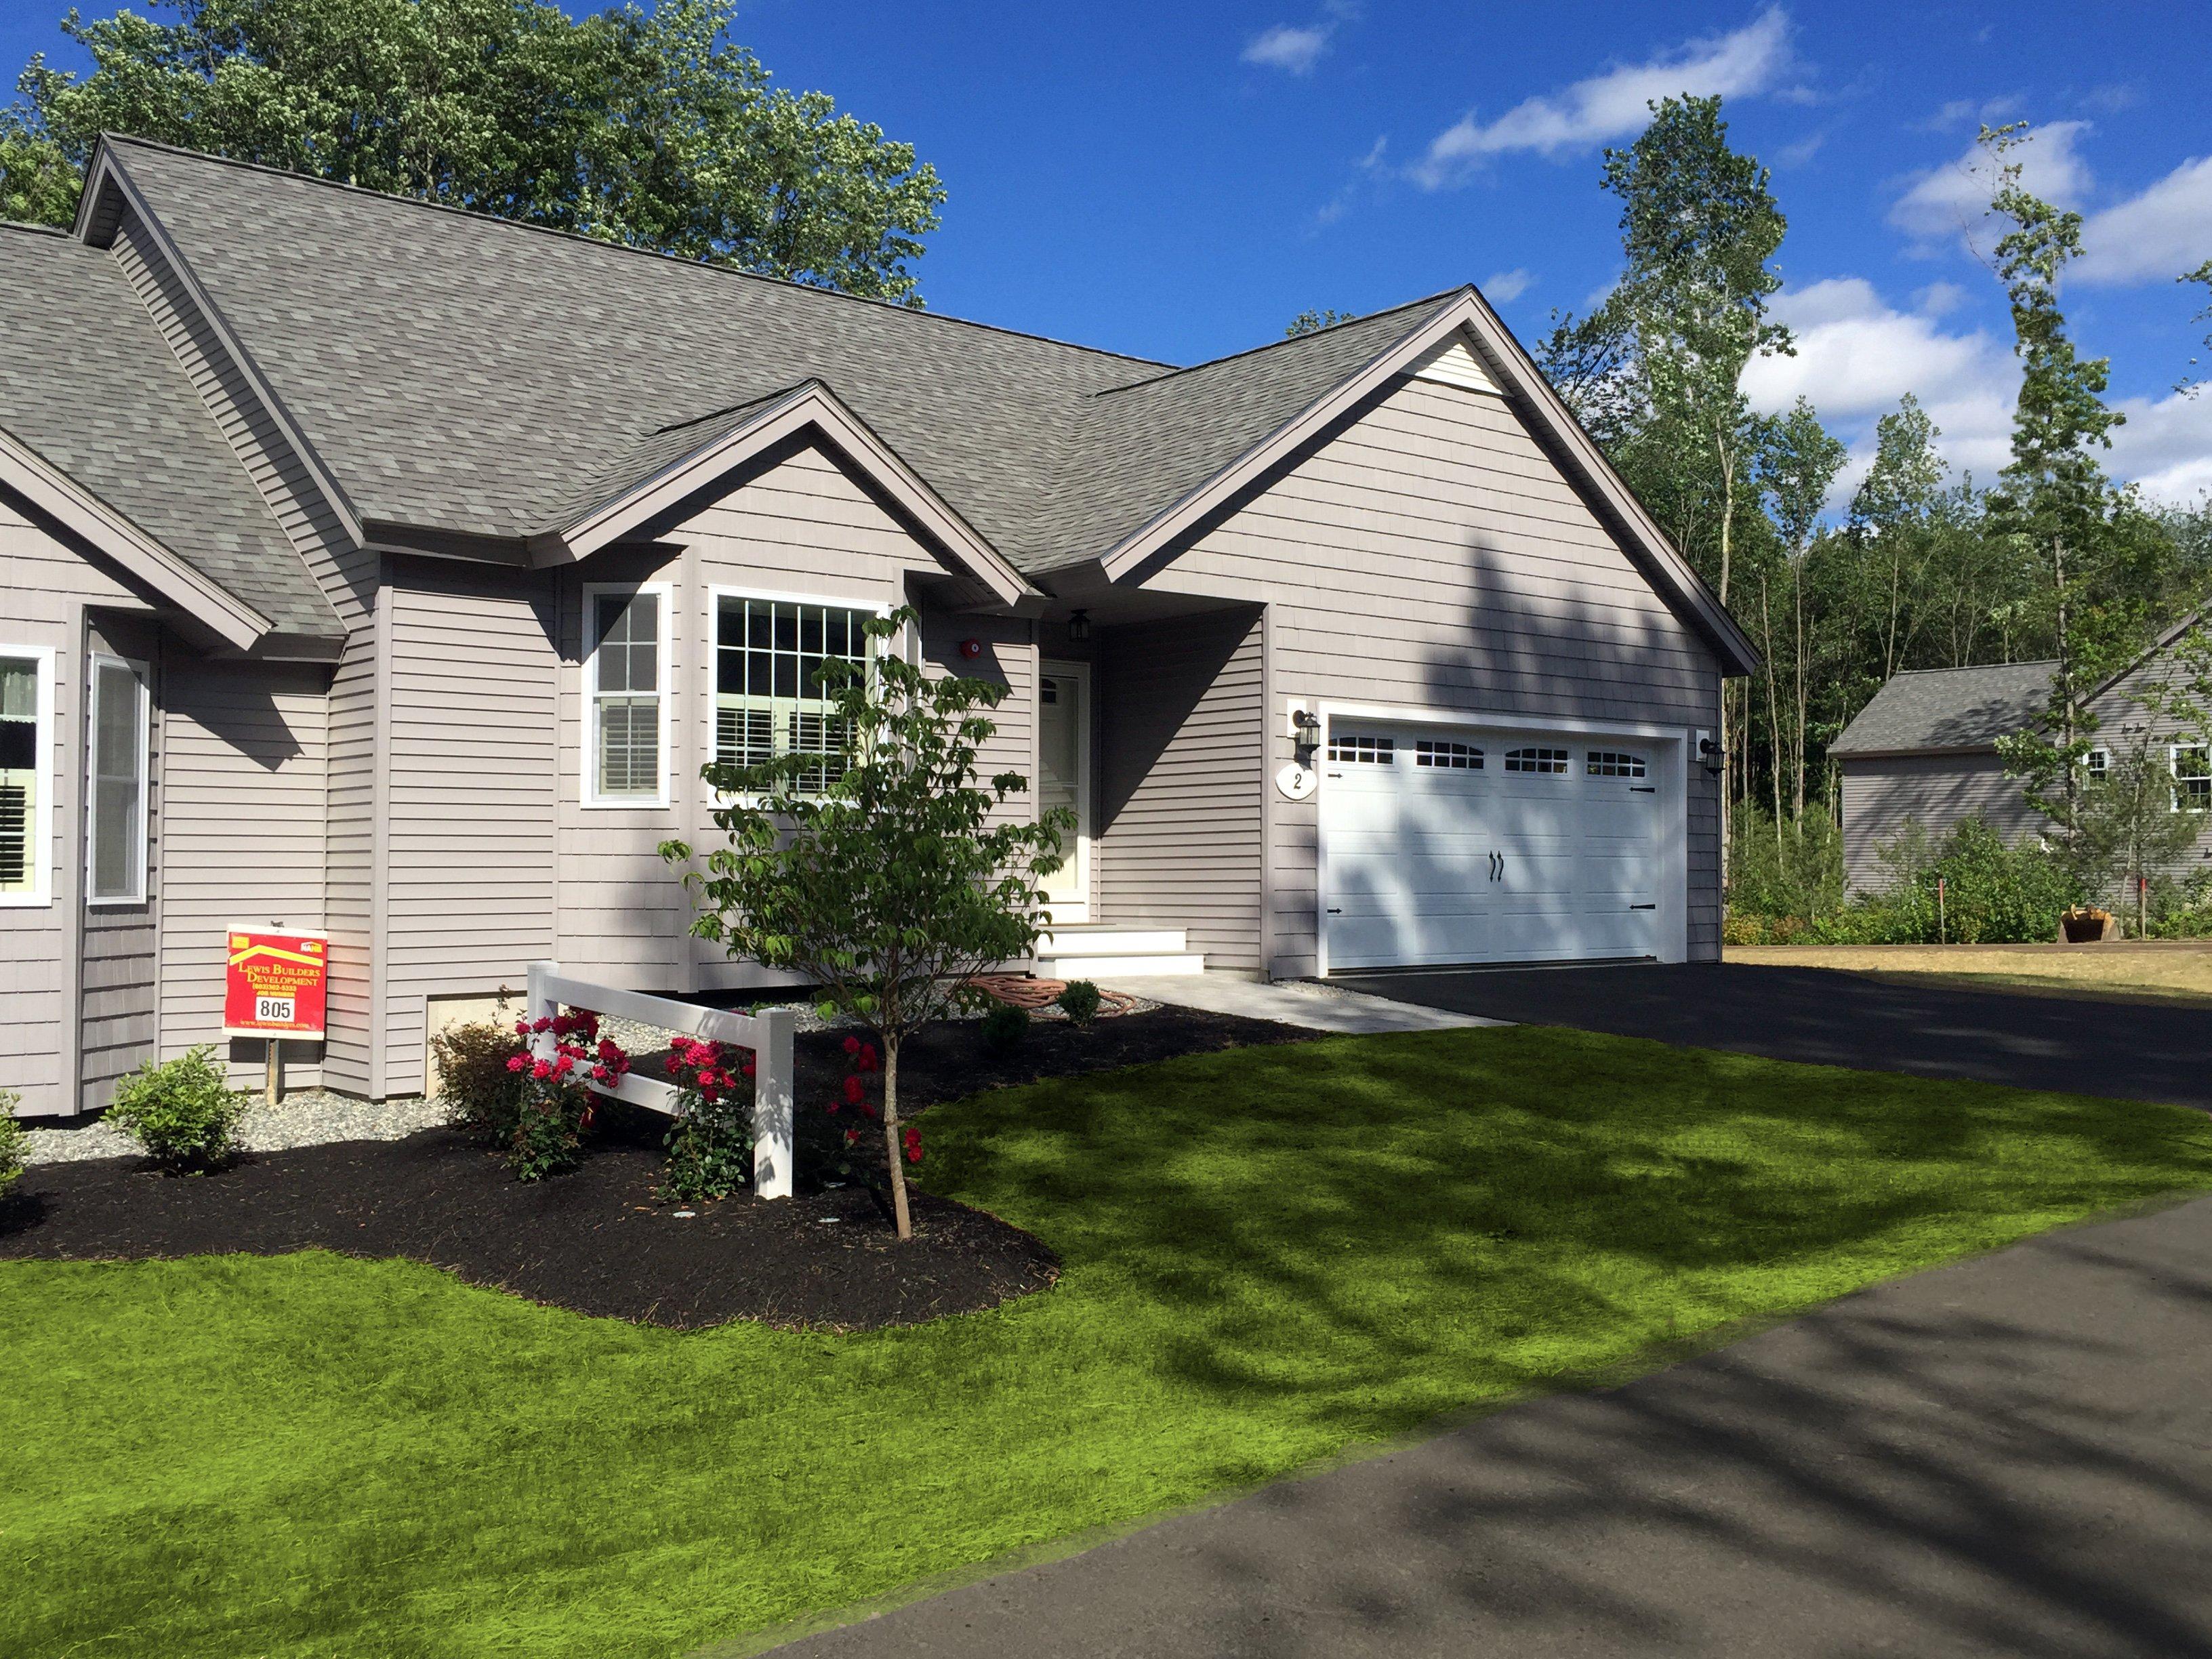 Sawmill Ridge Atkinson Nh New Homes 2 Br Ranch